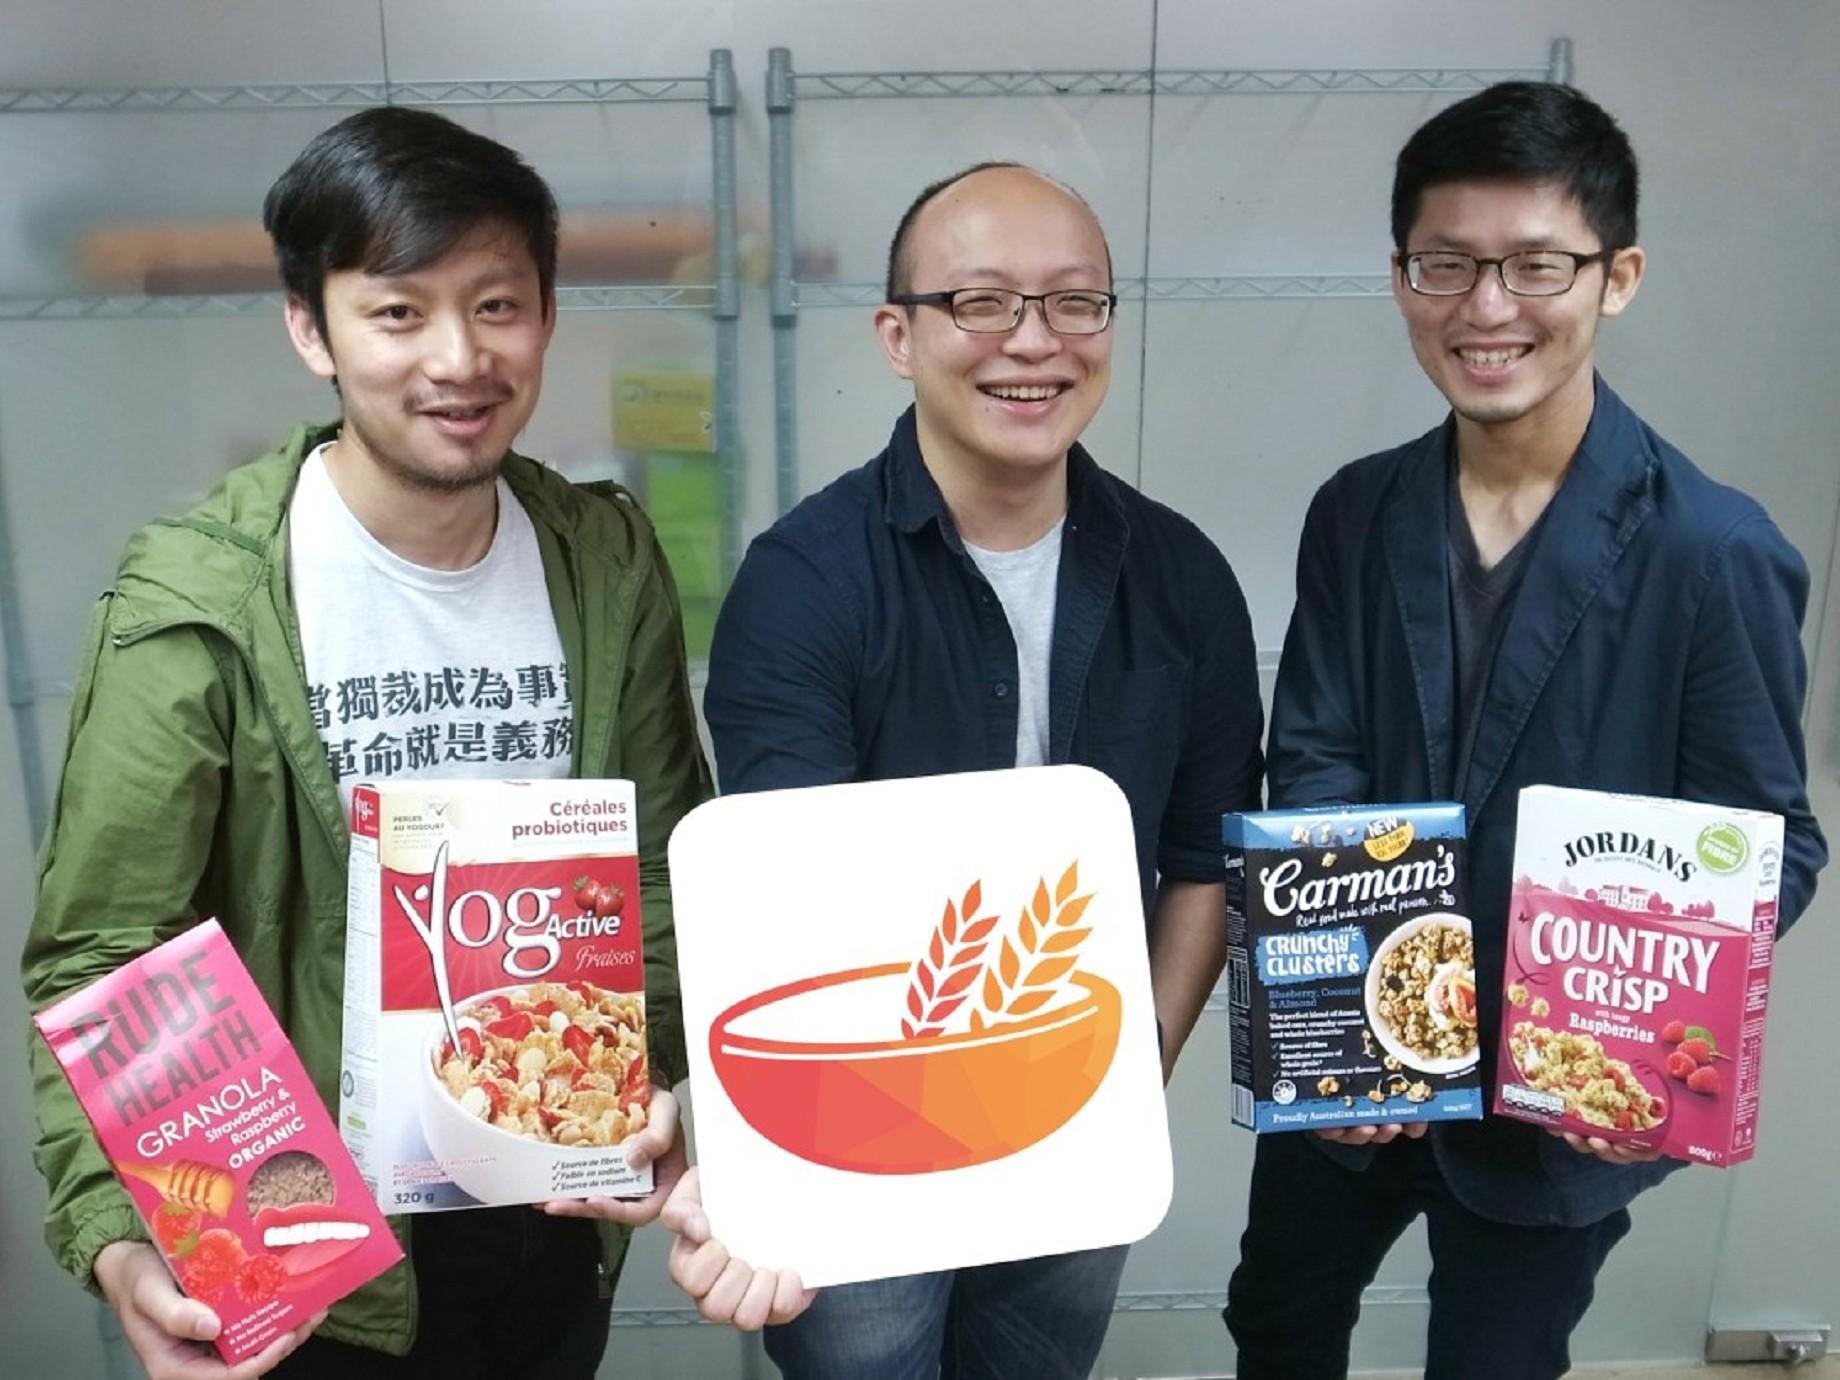 穀物電商【早餐吃麥片】:做自己的品牌電商,直接掌握客群